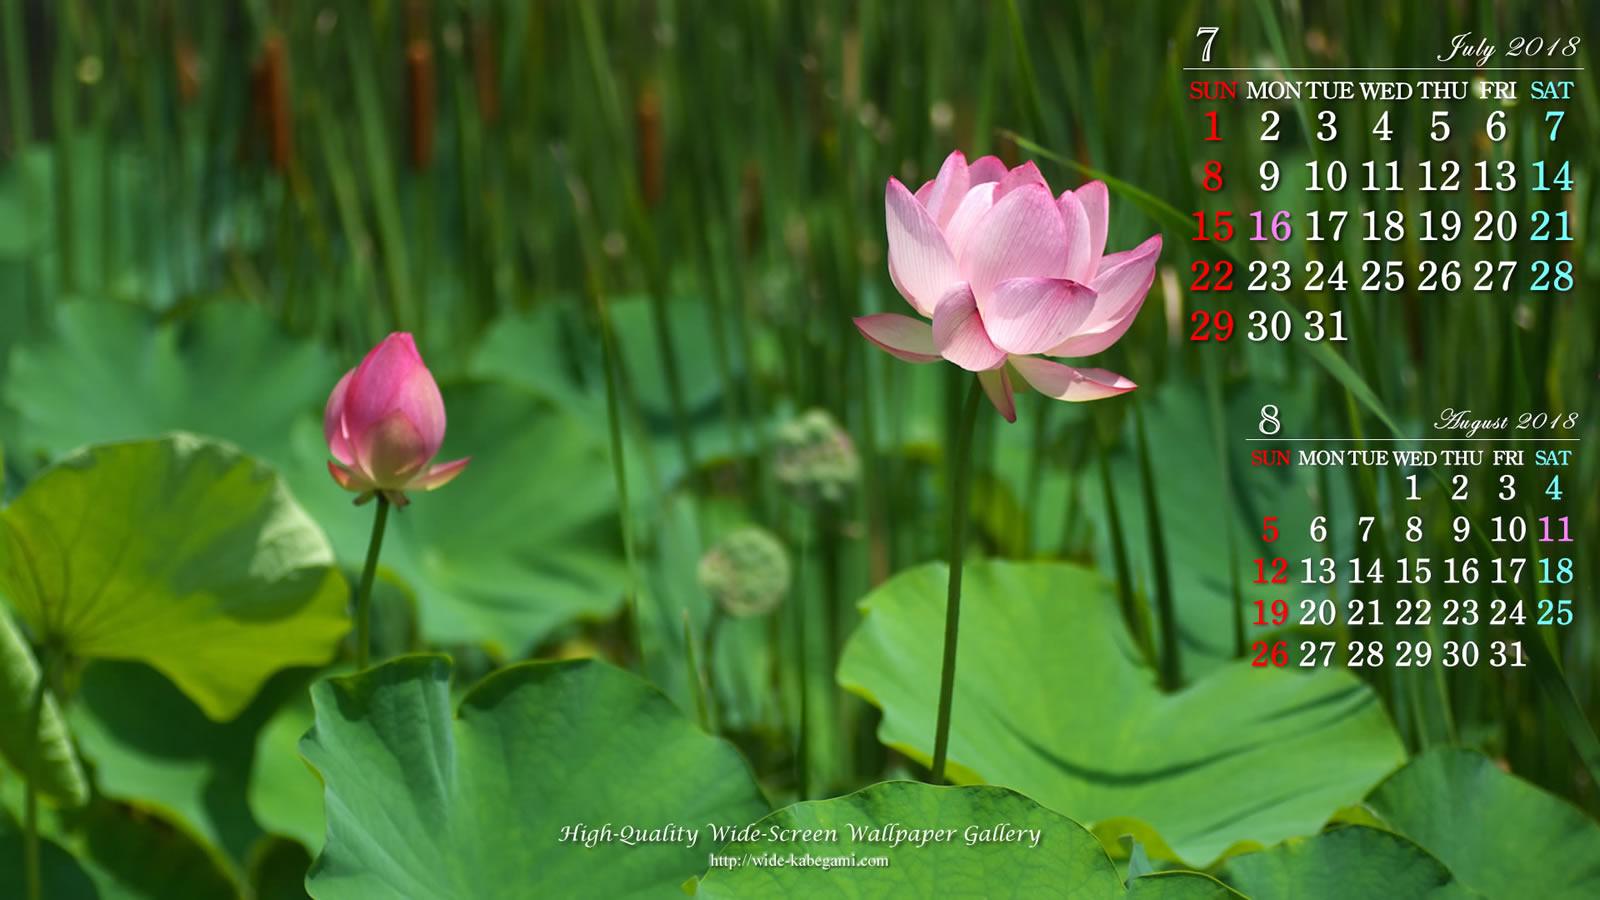 18年7月の前月表示の3ヶ月ワイド壁紙カレンダー 1600x900 蓮の花 無料ワイド高画質壁紙館